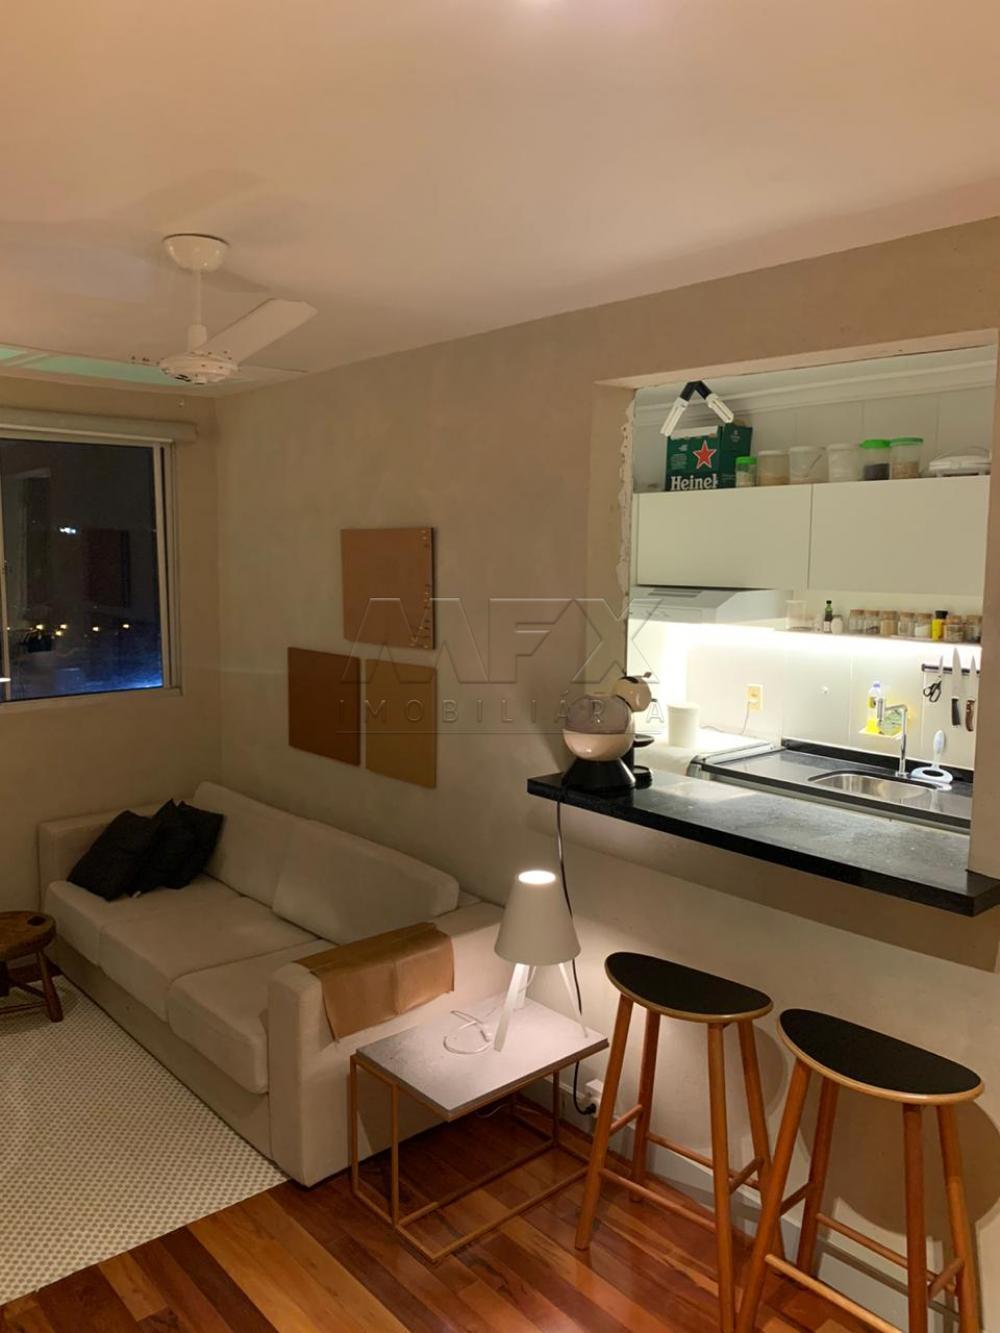 Comprar Apartamento / Padrão em Bauru apenas R$ 155.000,00 - Foto 10